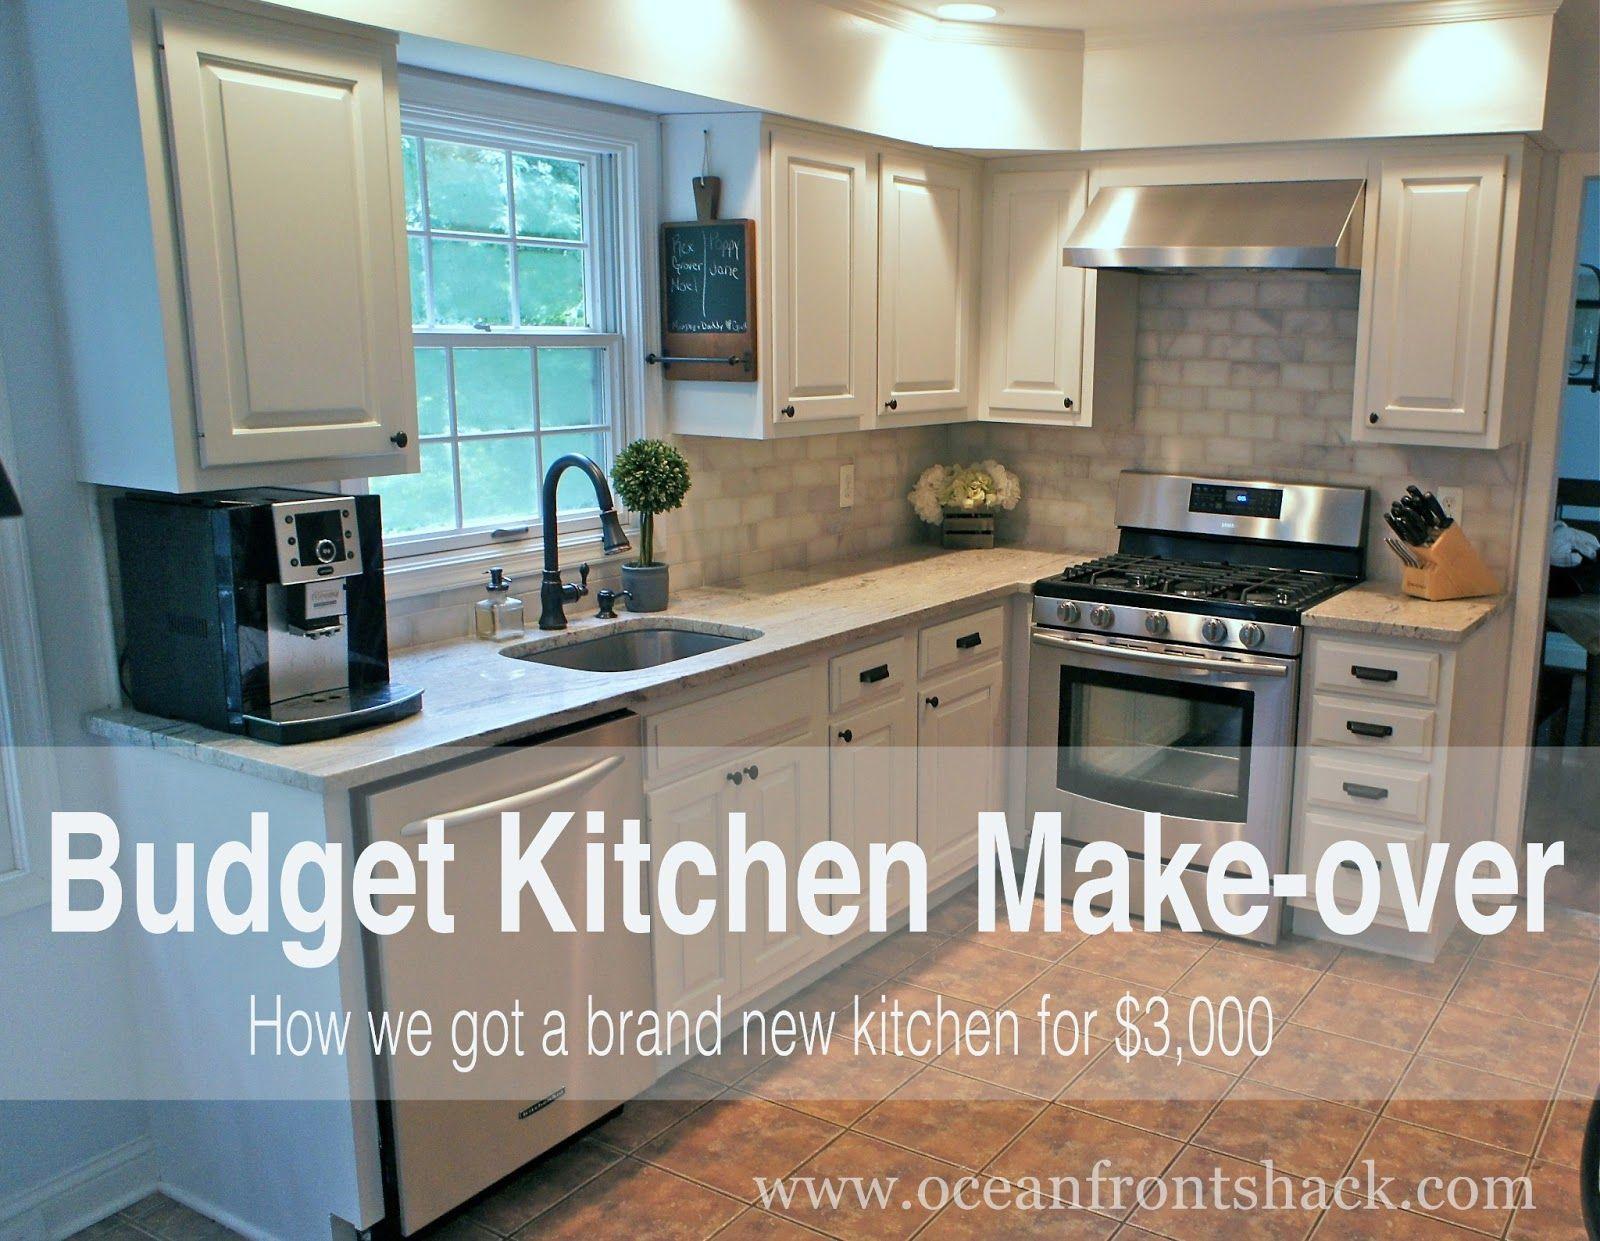 Budget Kitchen Make-over | Ocean Front Shack | DIY House | Pinterest ...